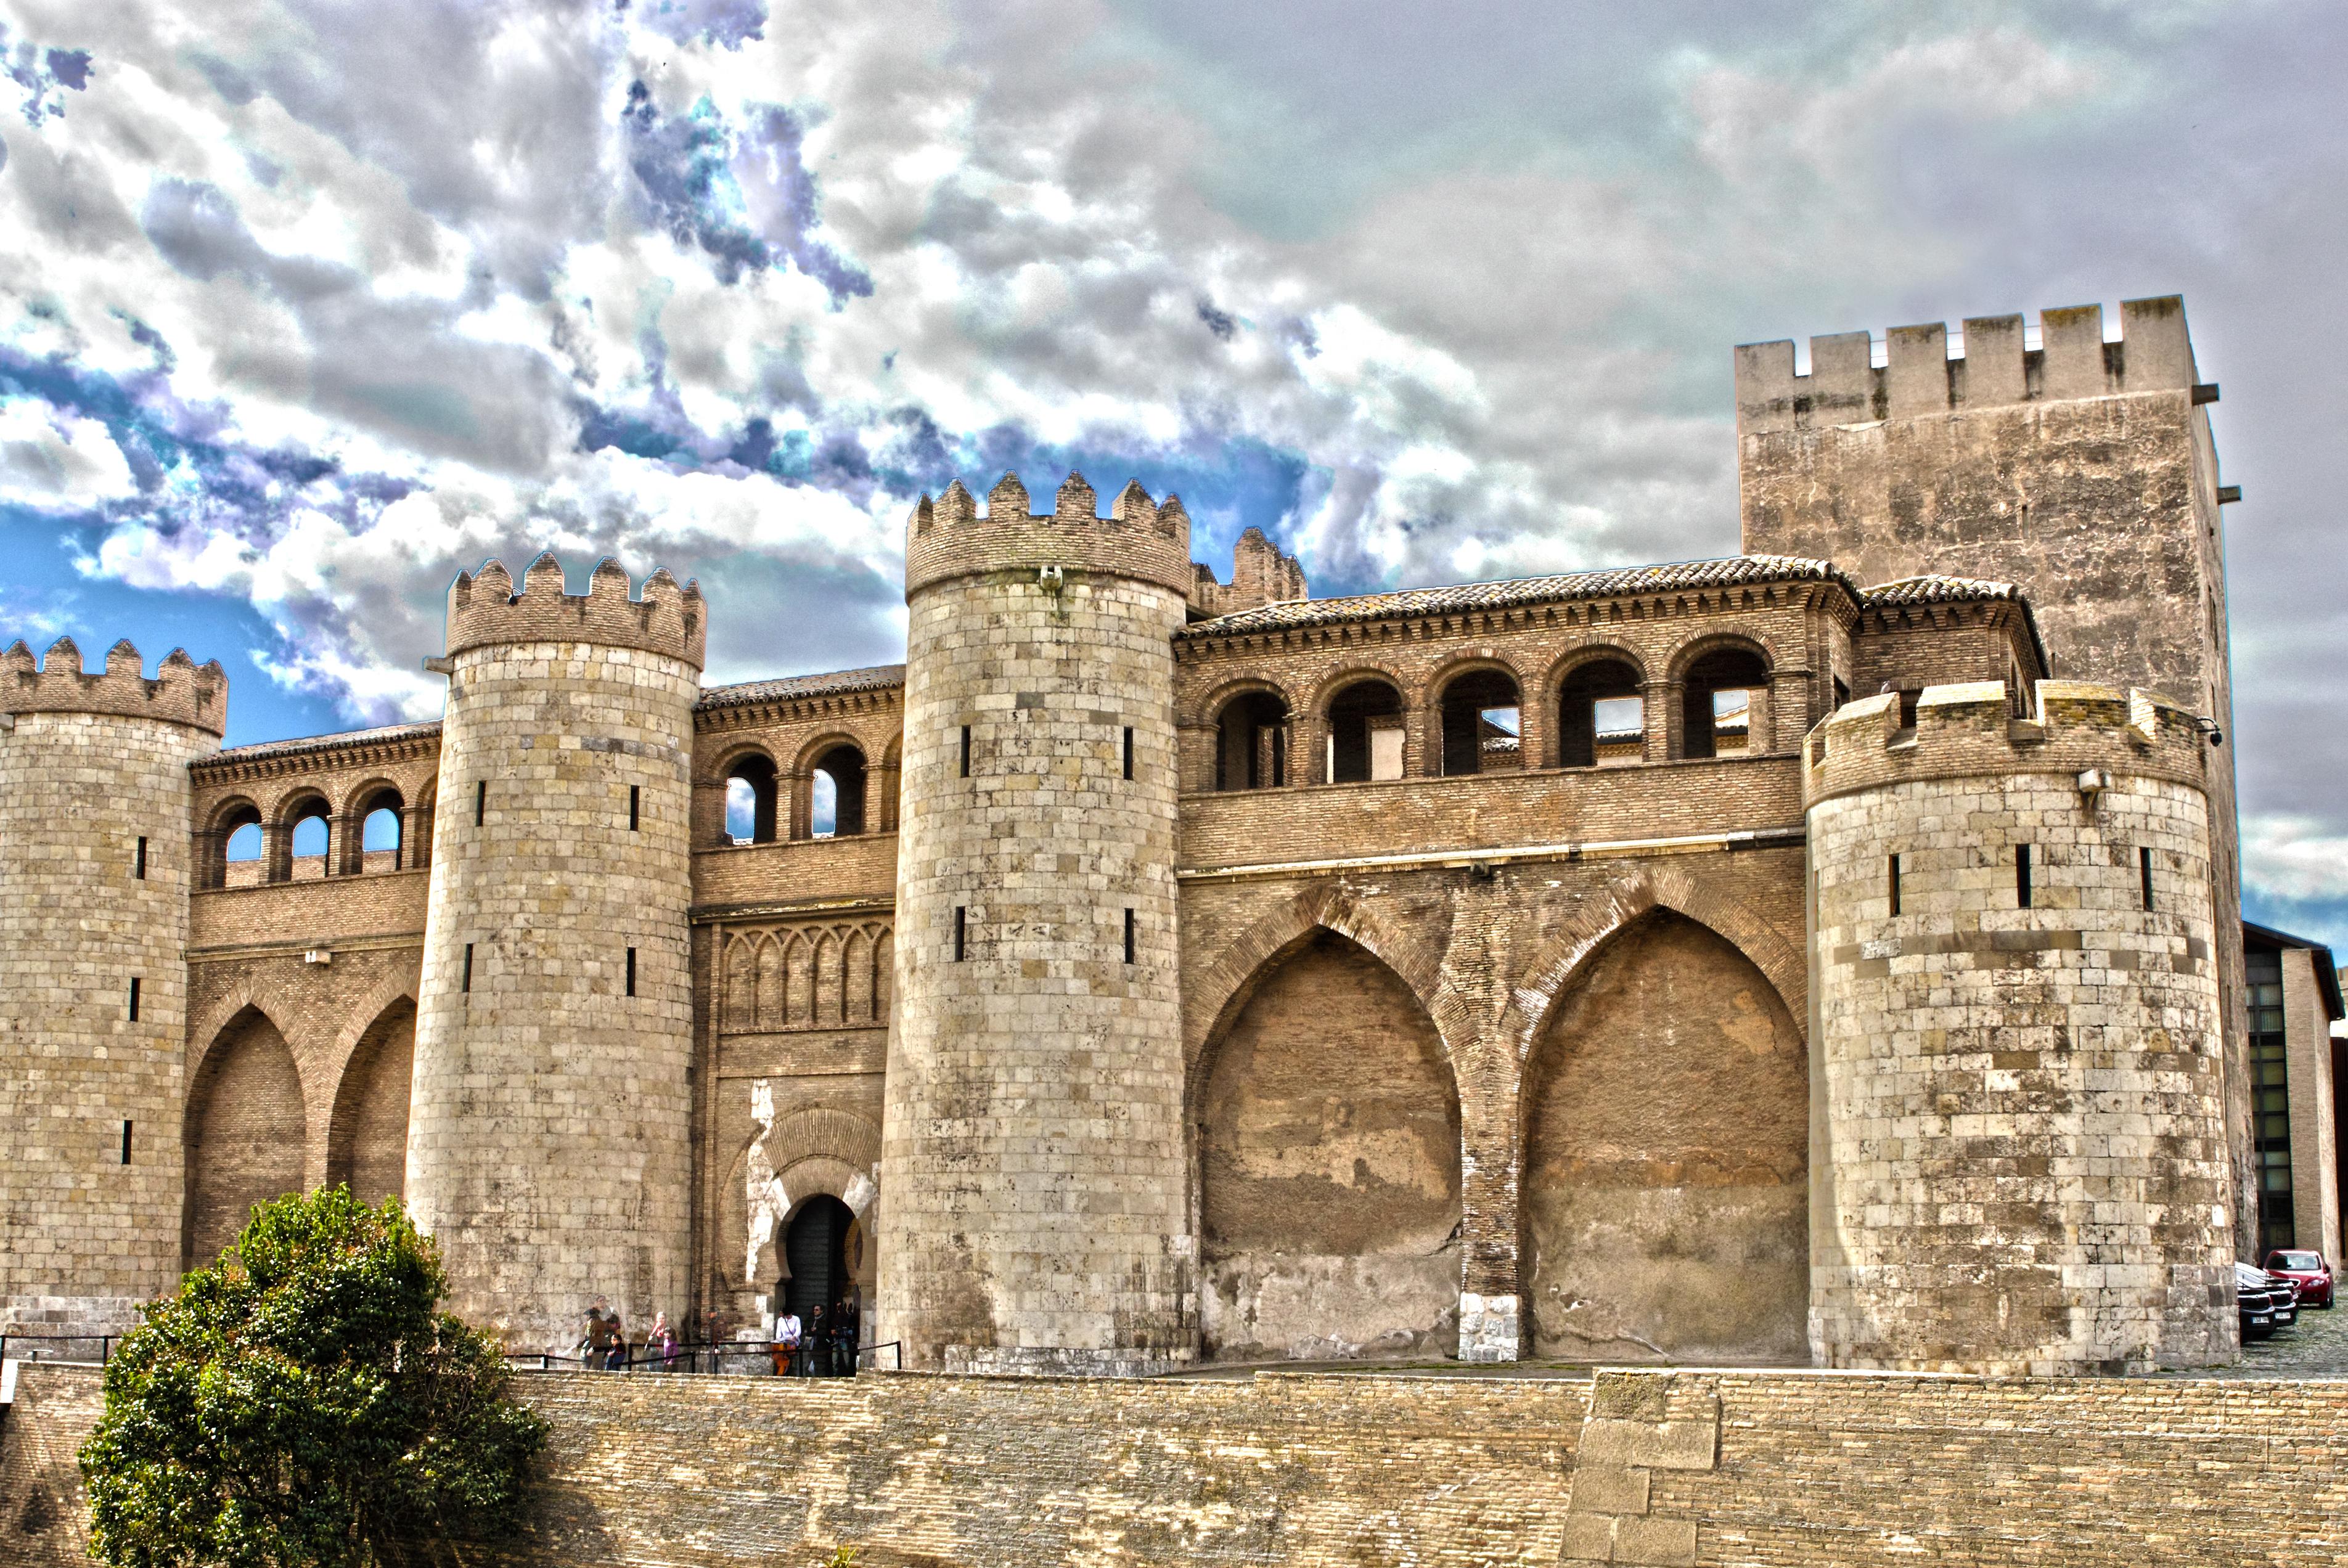 File:Palacio de la Aljafería - Zaragoza (ES).jpg - Wikimedia Commons